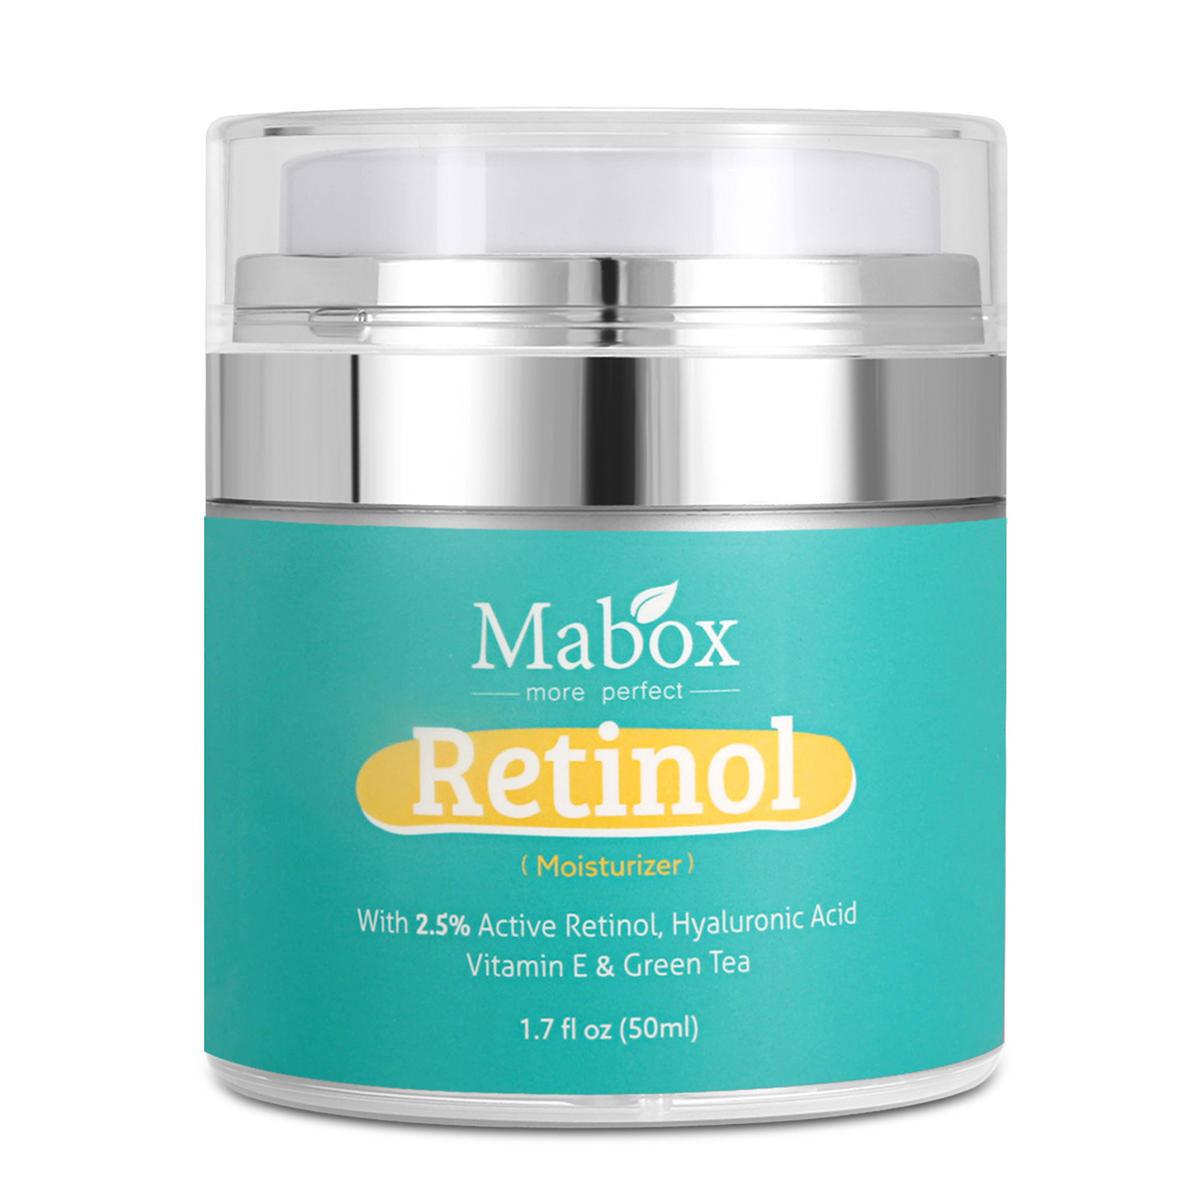 Crema humectante MABOX para el área de la cara y los ojos Anti Arrugas para el envejecimiento Acido hialurónico Vitamina 50 ml